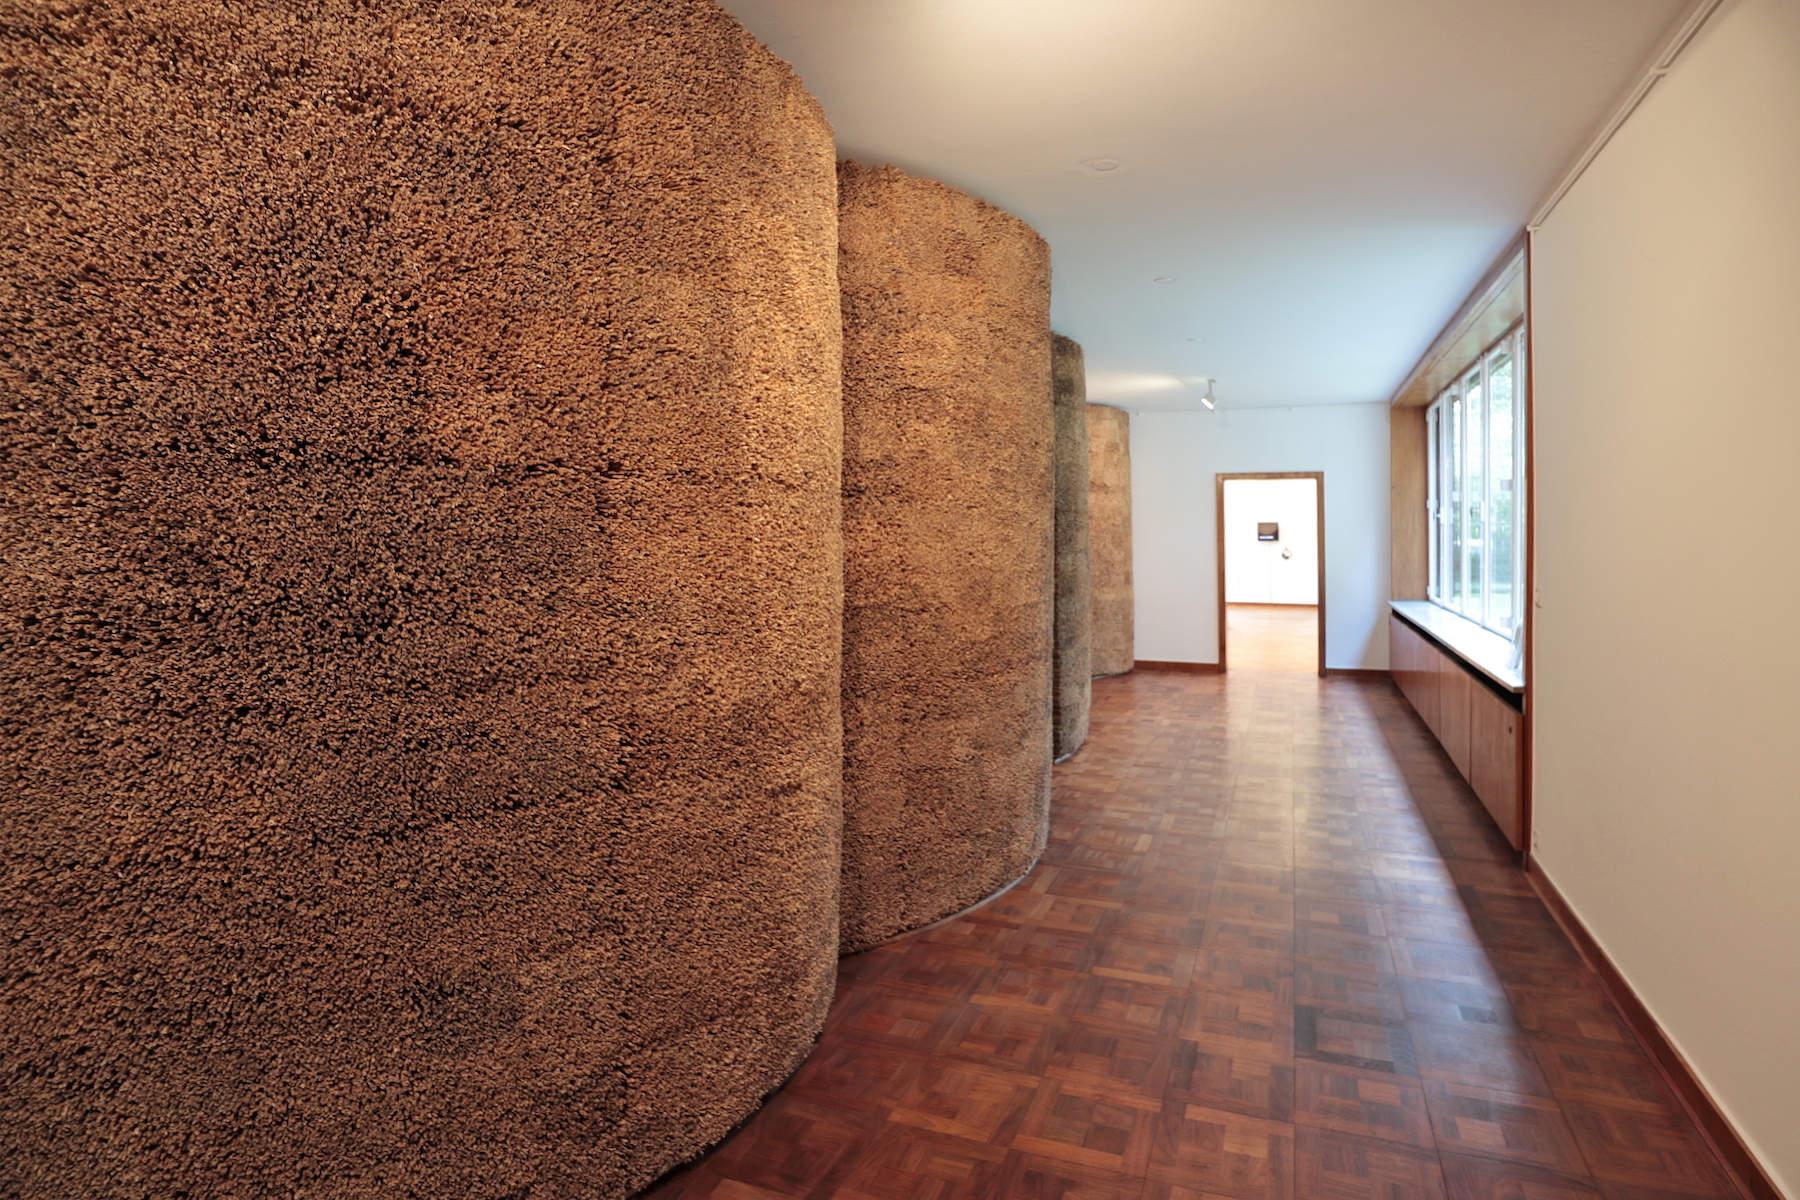 """Haus Lange. Die zweigeschossigen Häuser konstruierte er aus Mauerwerk und Stahlträgern. Die Fassaden wurden mit dunkelrotem Backstein verkleidet. Links die Installation von Olaf Holzapfel in der Sonderausstellung """"Anders wohnen""""."""